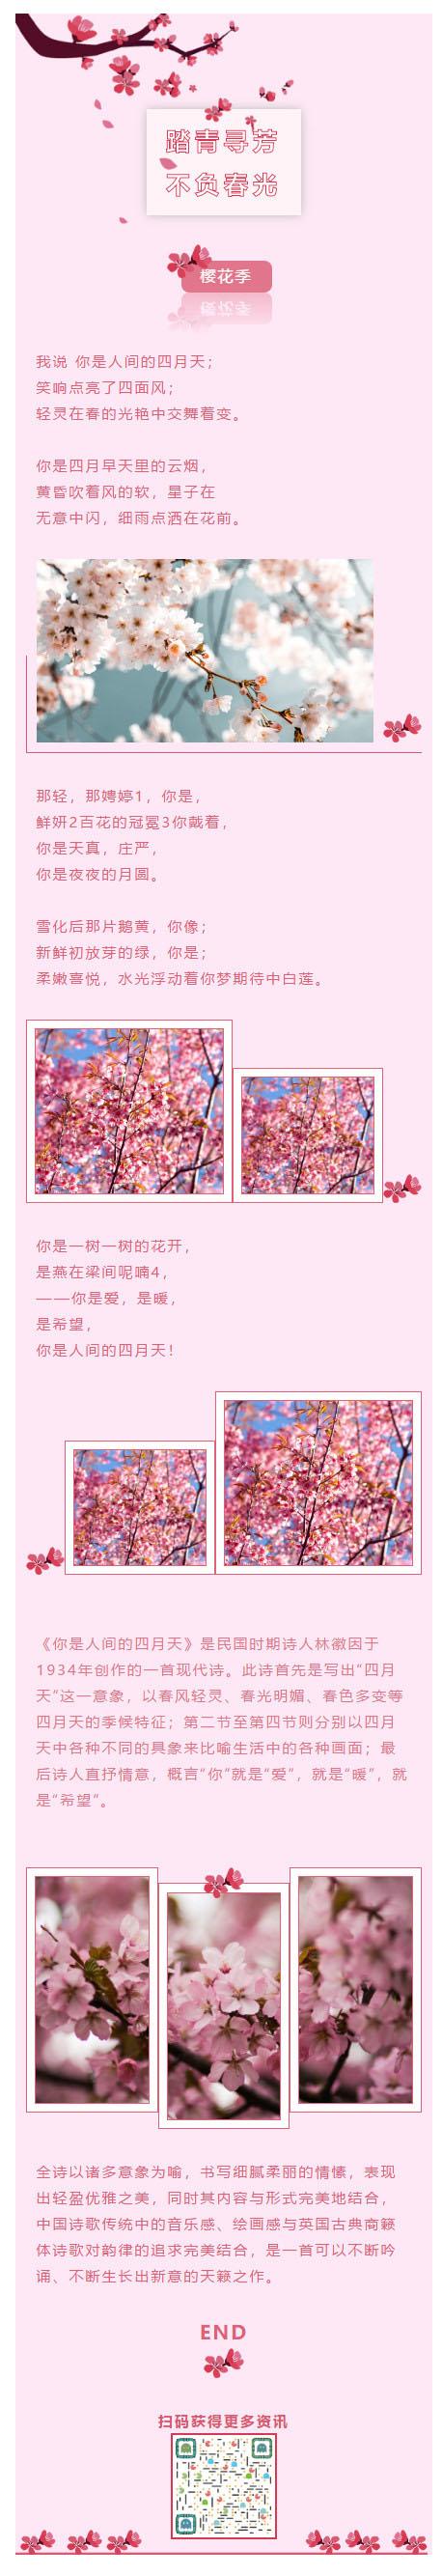 樱花粉红色背景微信公众号推送图文模板推文素材微信文章模板